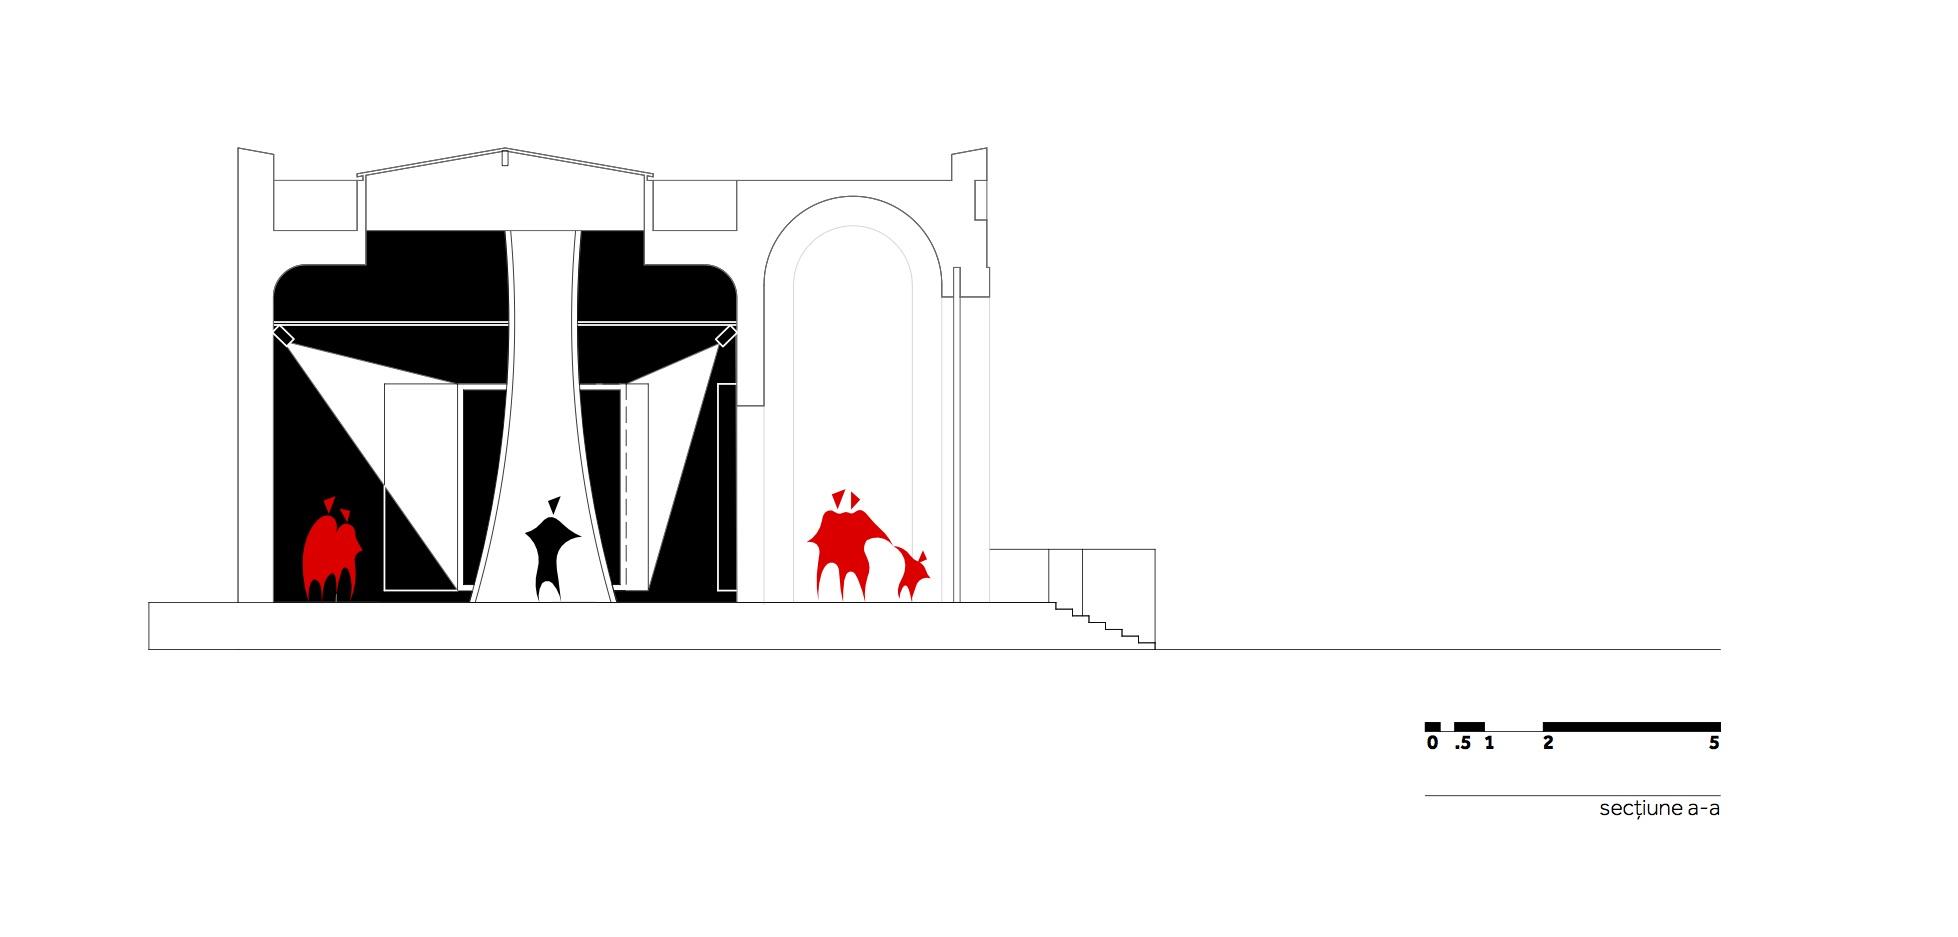 MHS - Bienala de la Venetia - W.03 Sectiune a-a_ro